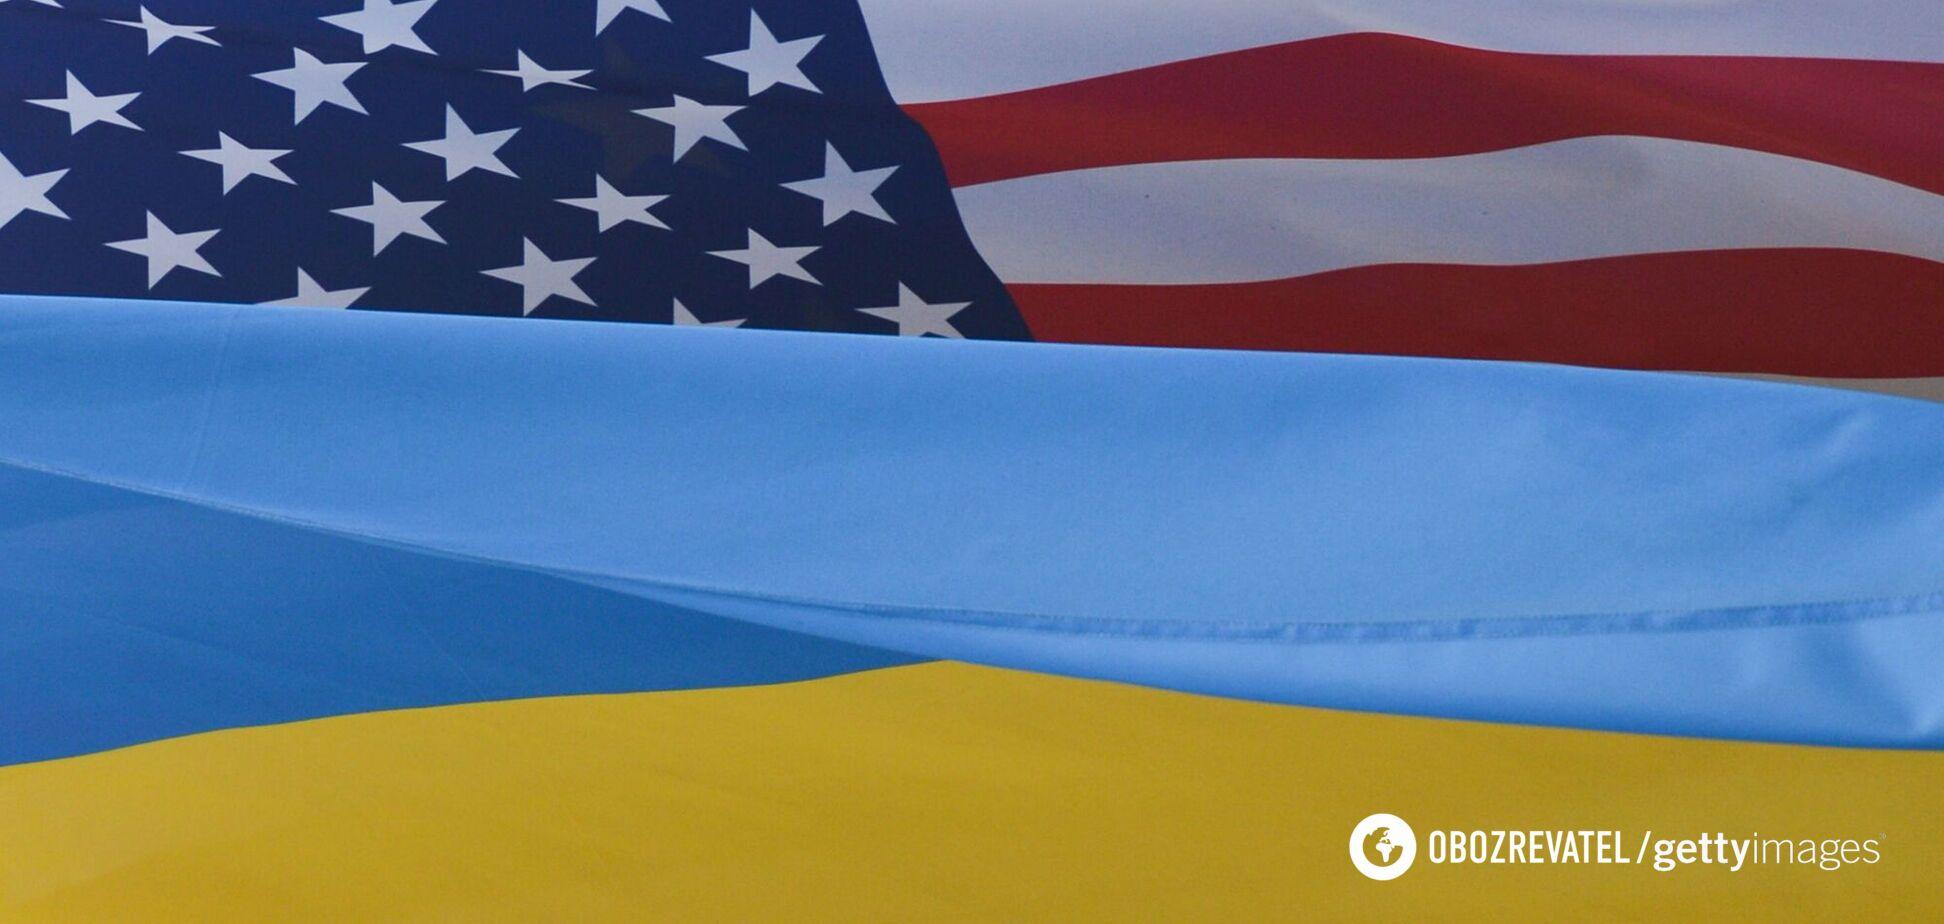 В США выразили мнение о действиях Украины по 'Мотор Сичи' и расследованию экс-руководителей ПриватБанка